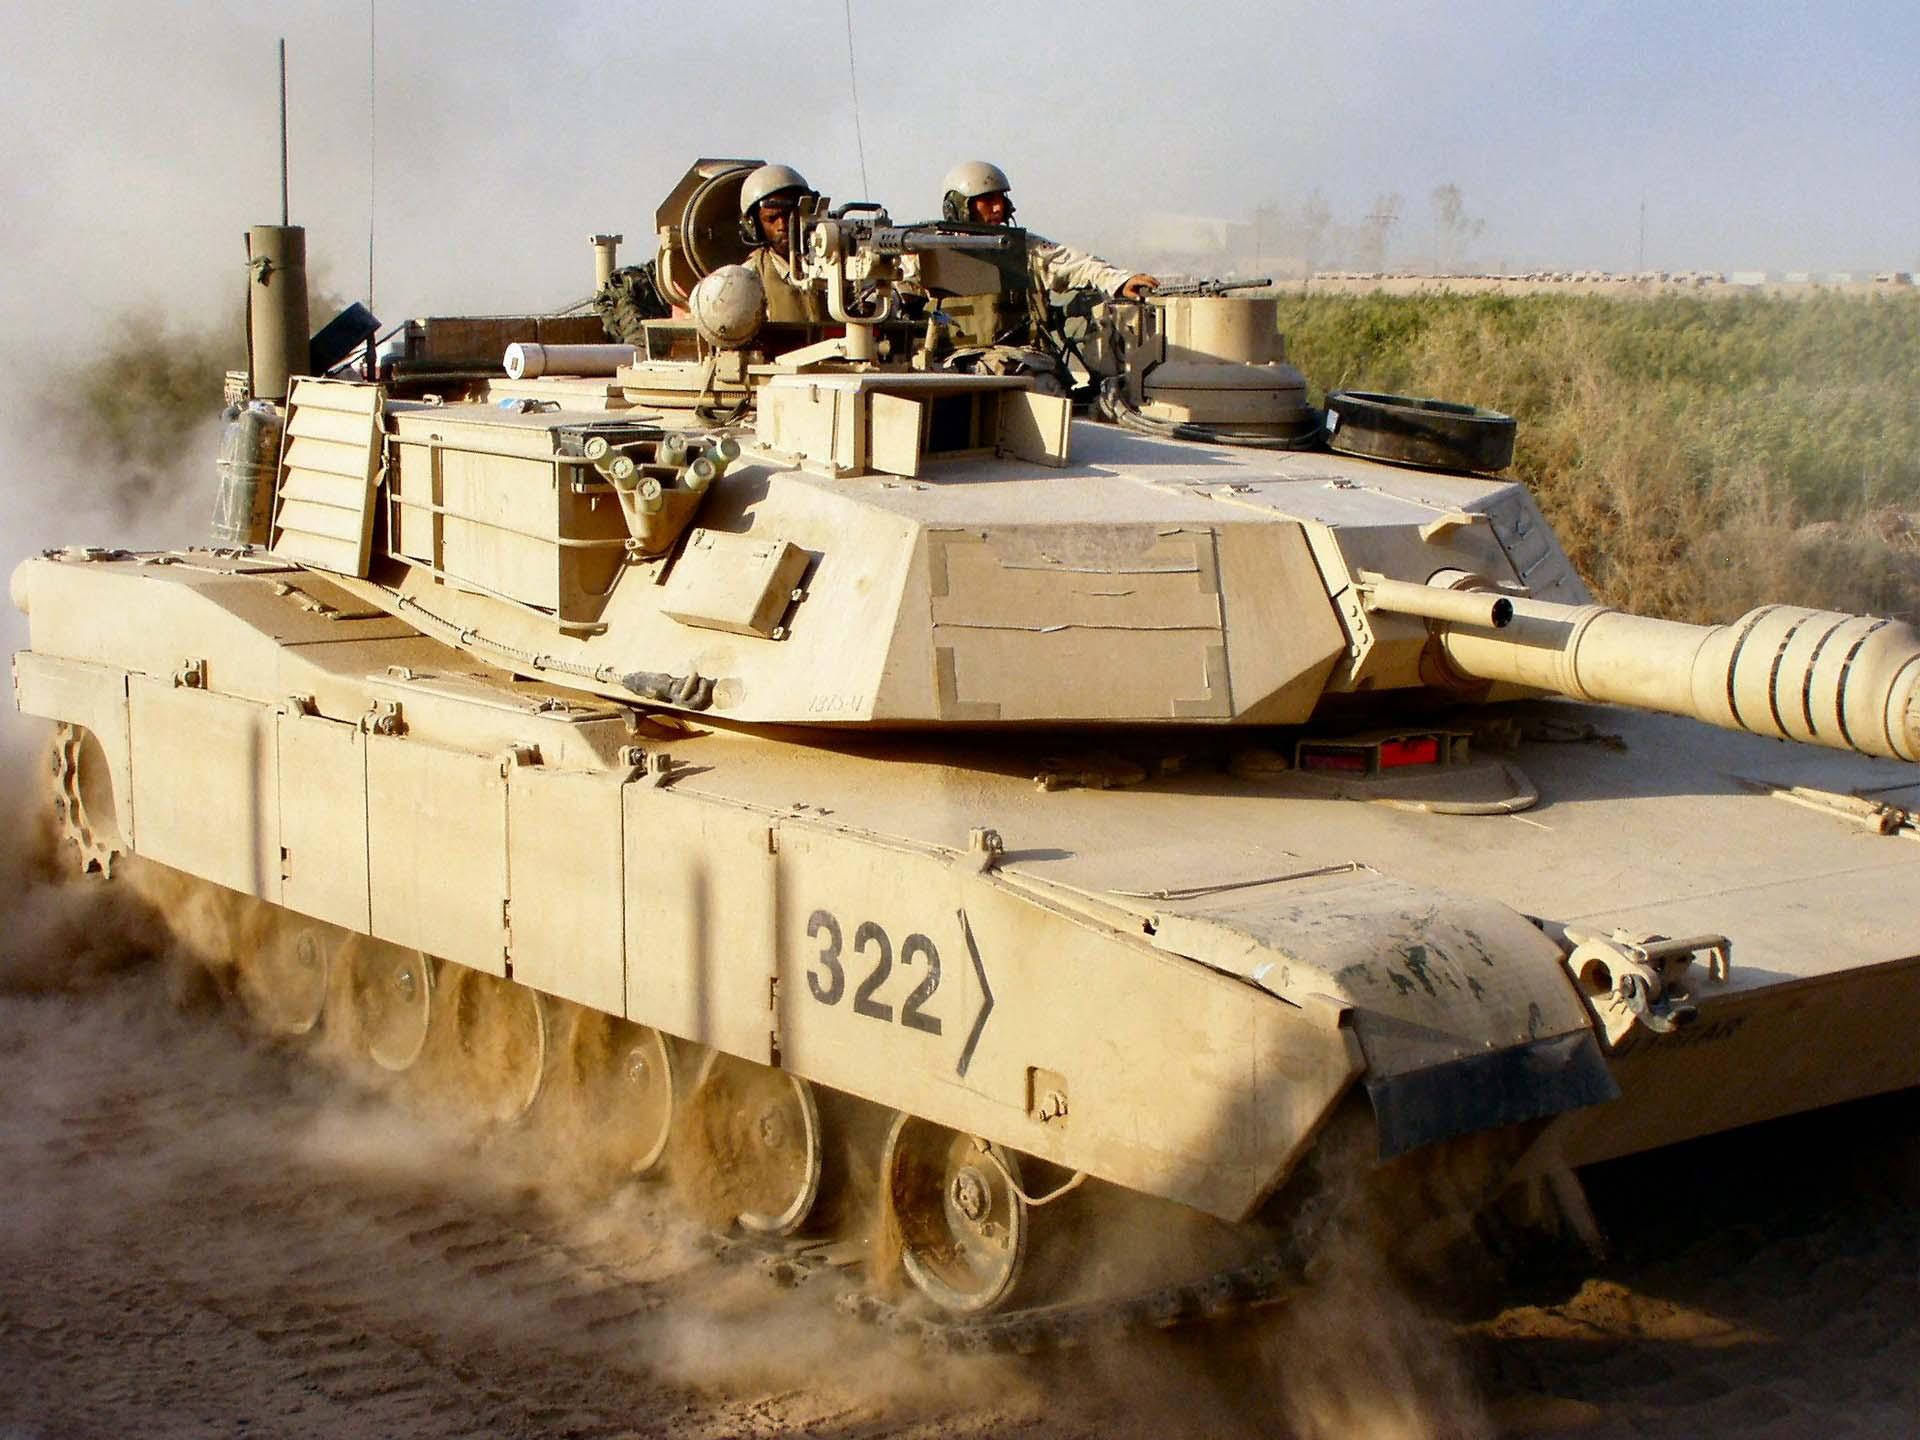 она обнаруживает американский танк абрамс фото женщина